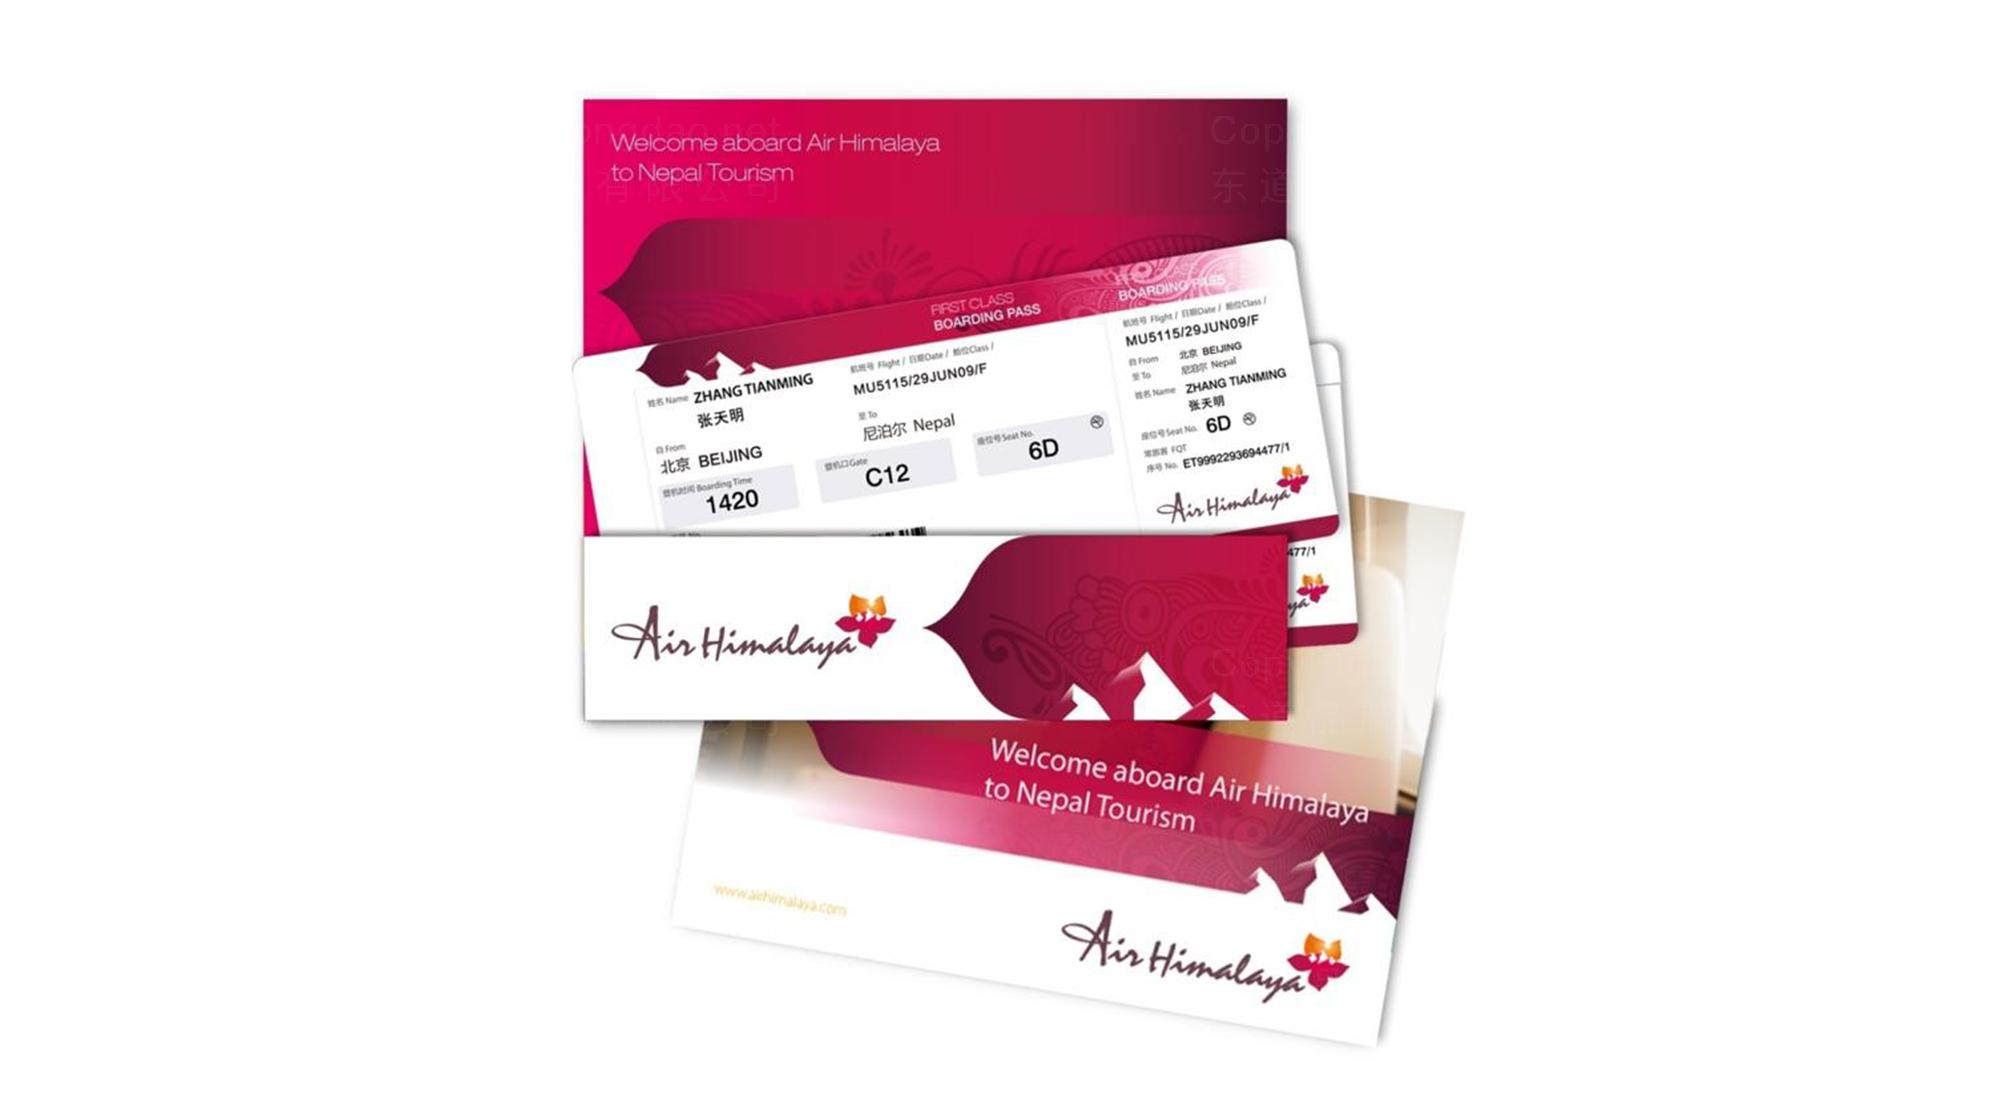 品牌设计喜马拉雅航空设计方案应用场景_4